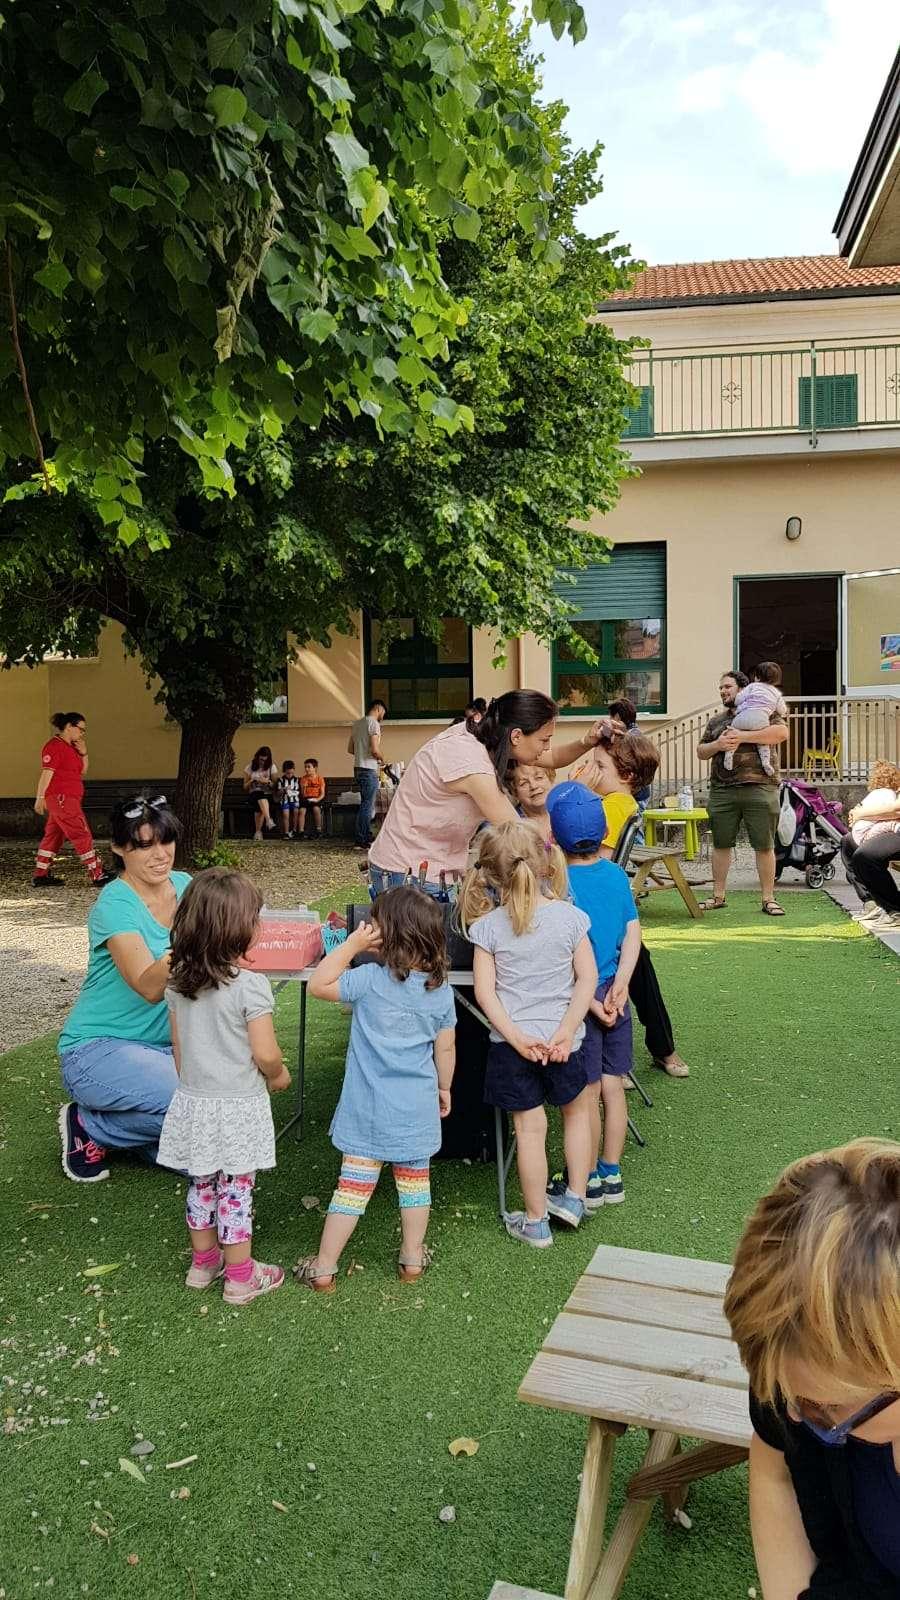 Amici della sicurezza - guarda le foto - Scuola Materna Peschiera Borromeo